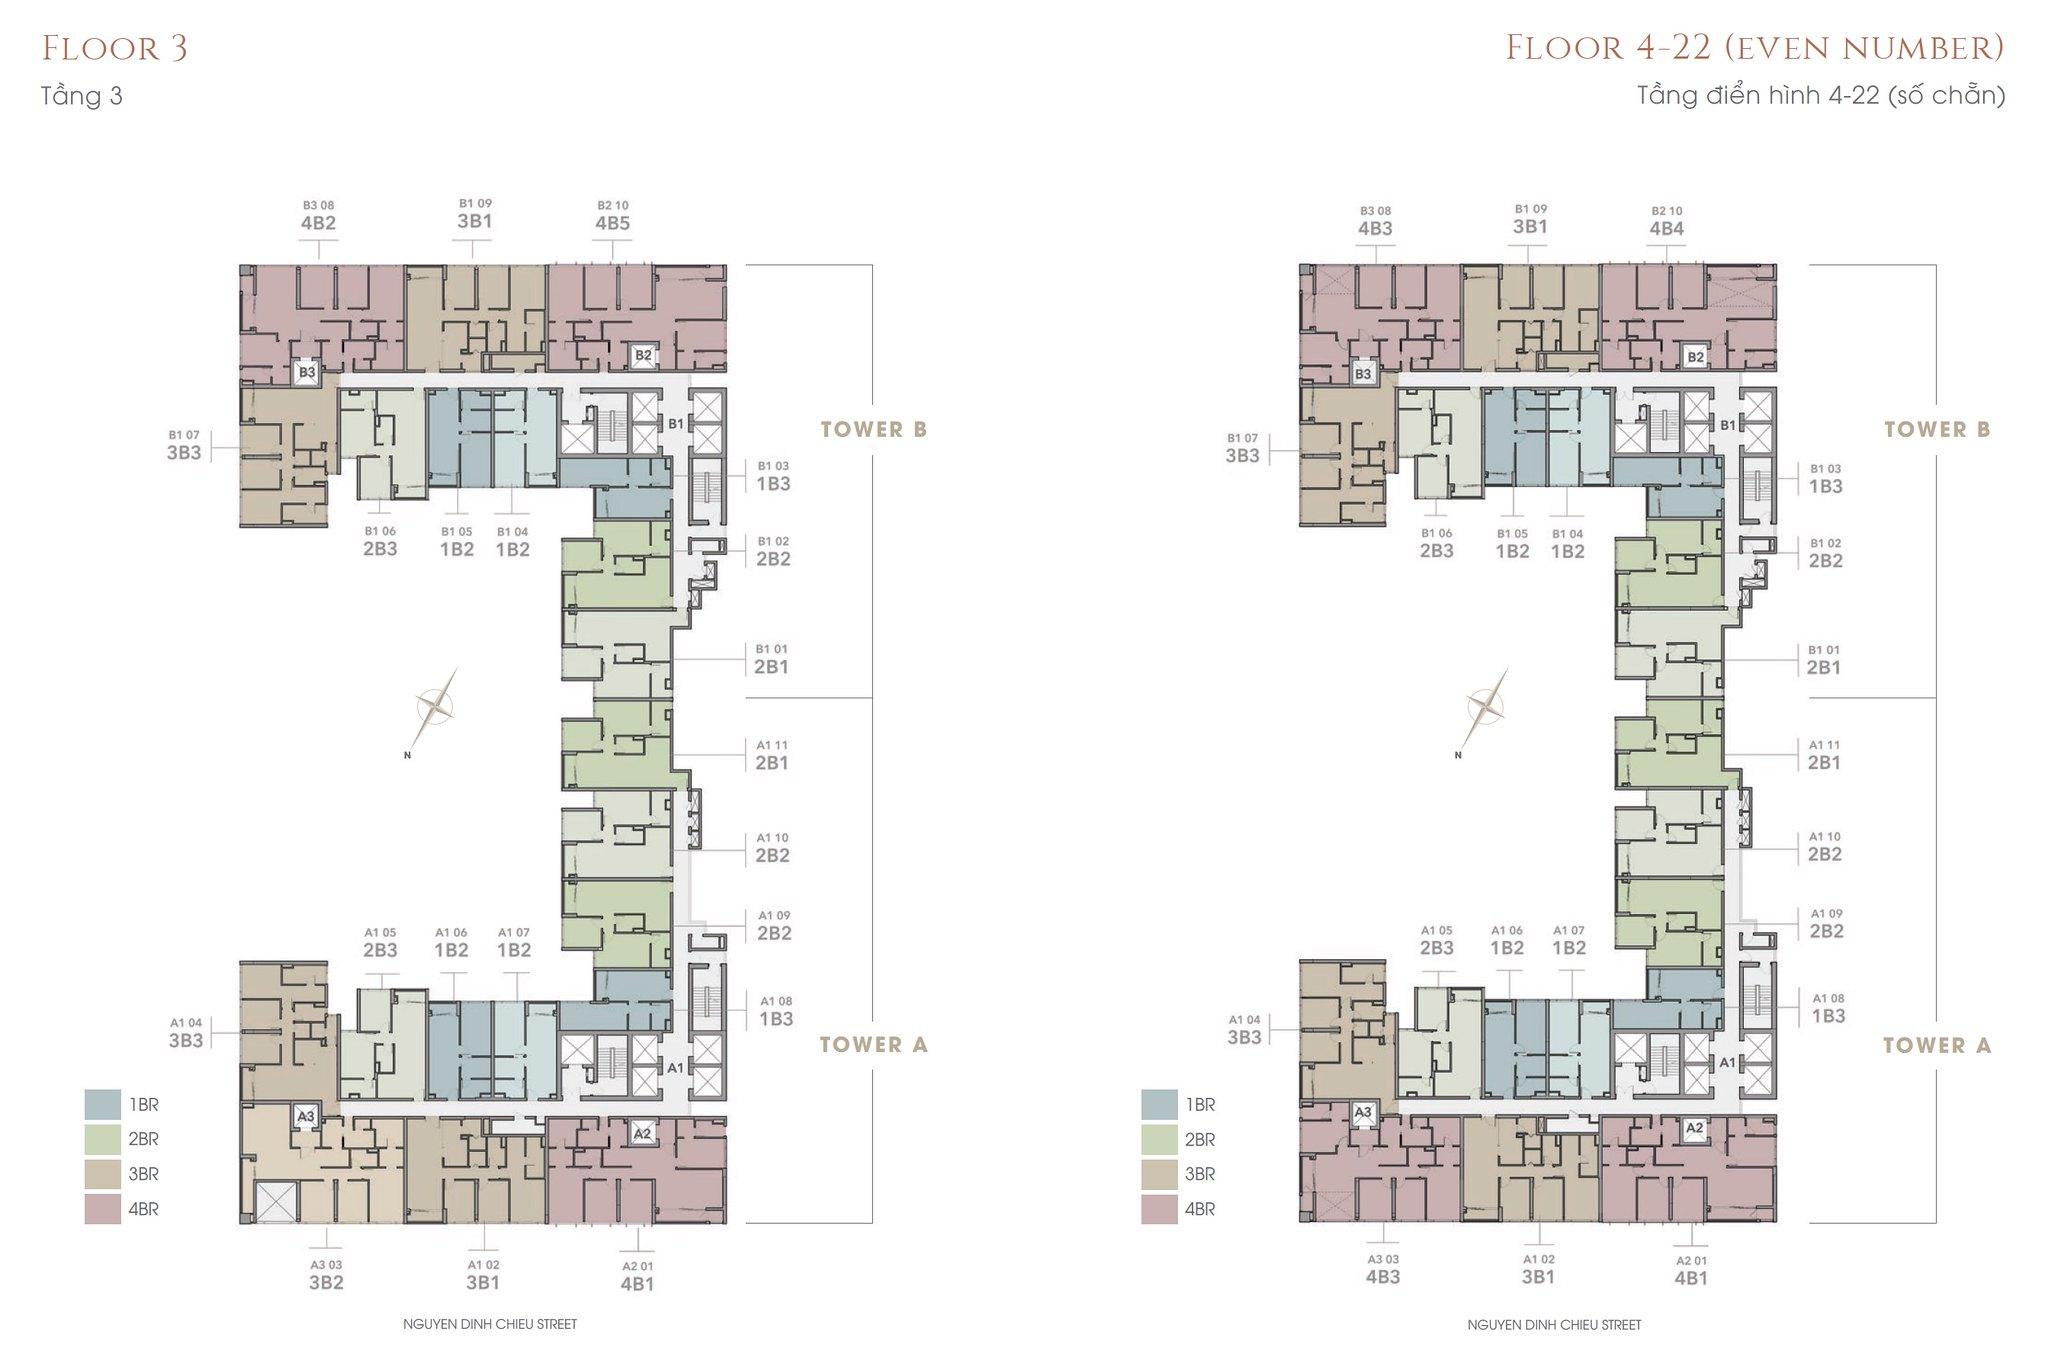 Mặt bằng tầng 3 và 4-22 (số chẵn)